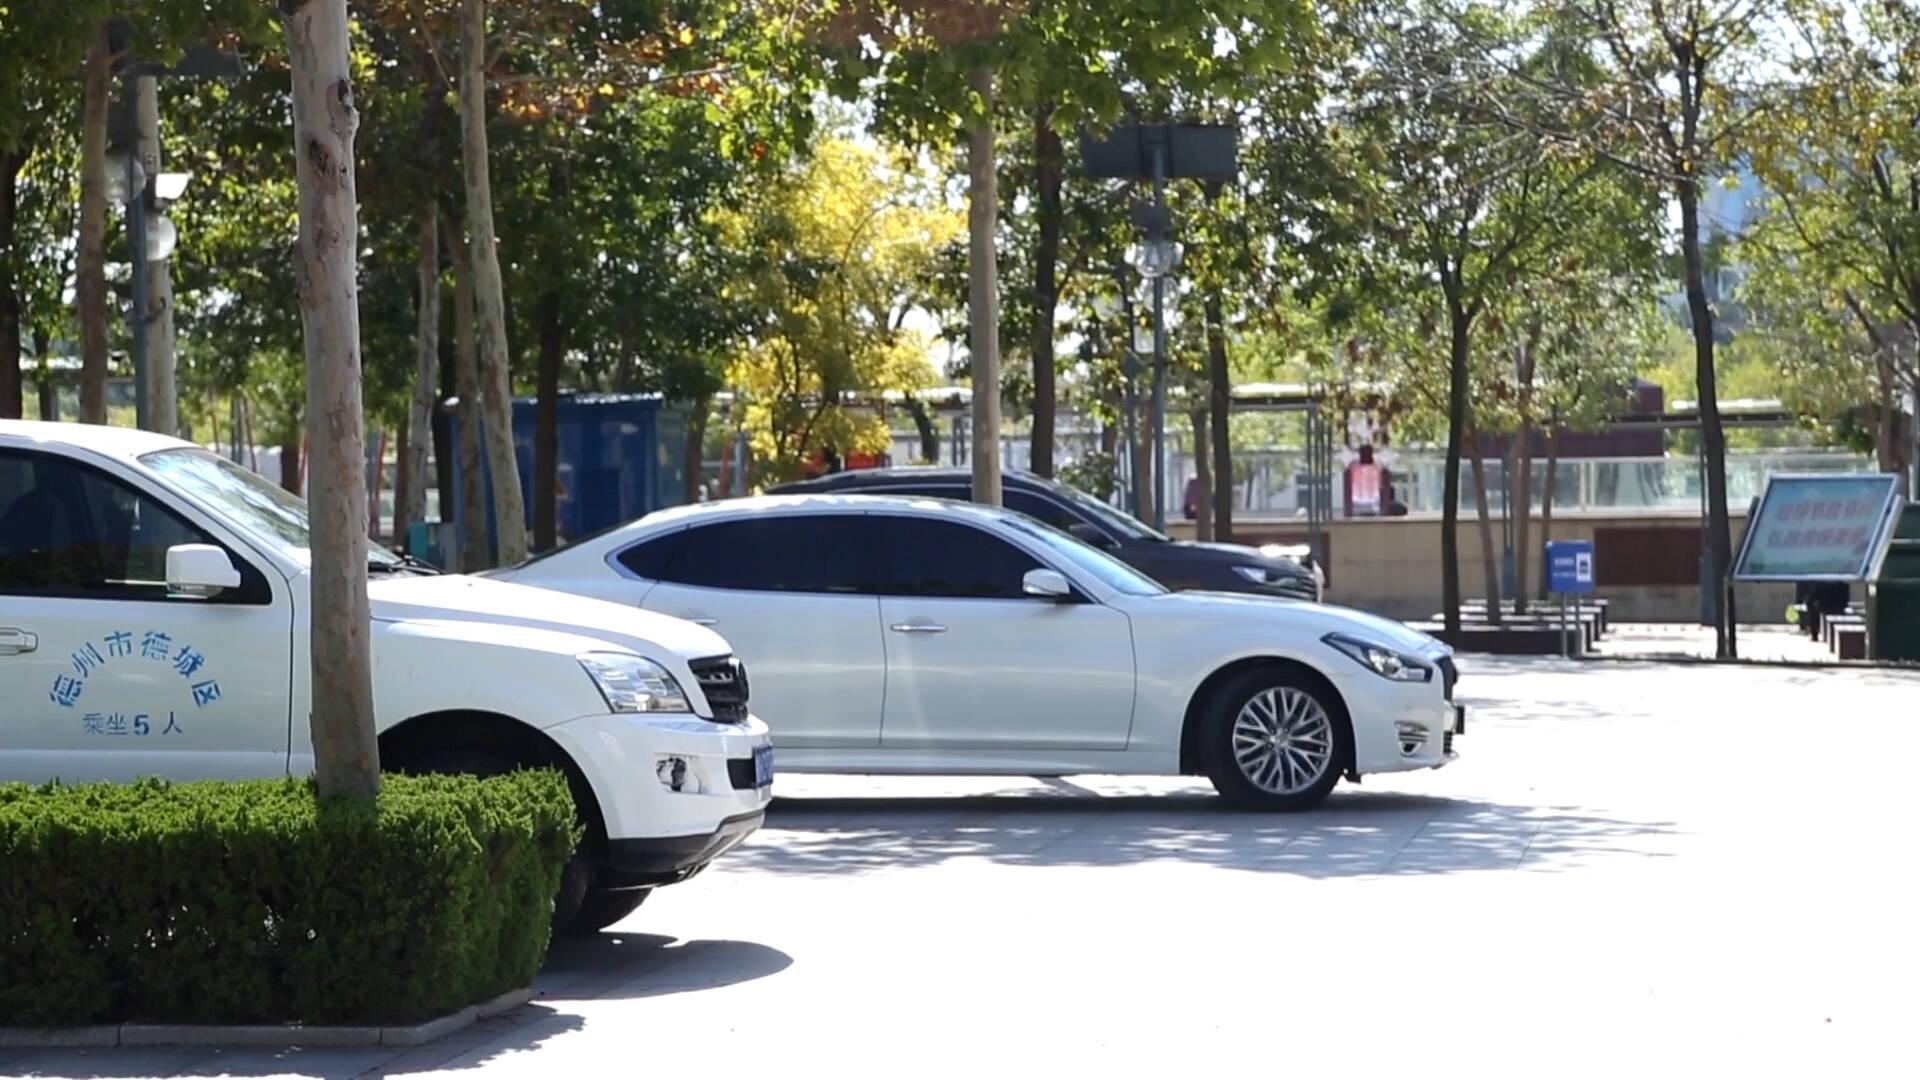 德州长河公园智慧停车场启用,提供130余个停车位,3小时内免费使用